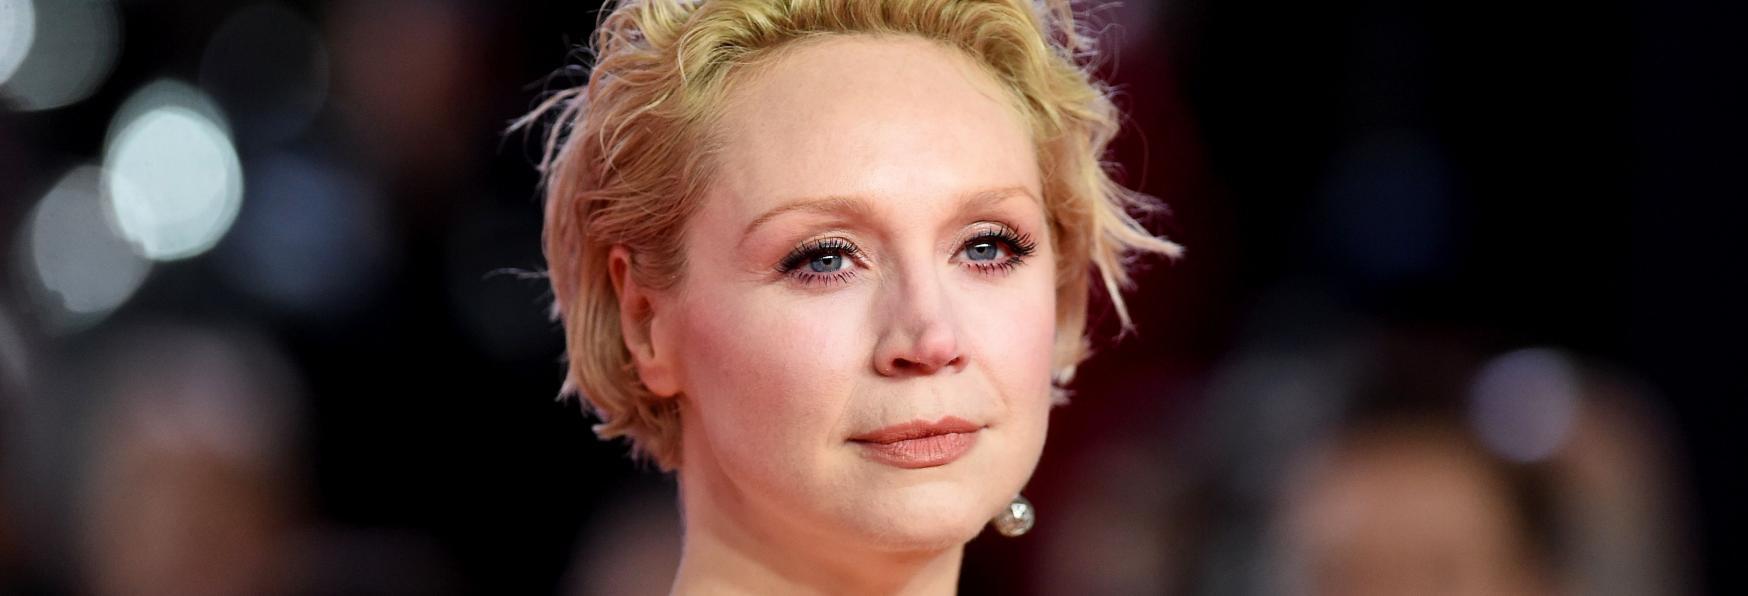 The Sandman: Gwendoline Christie farà parte del Cast della Serie TV di Netflix